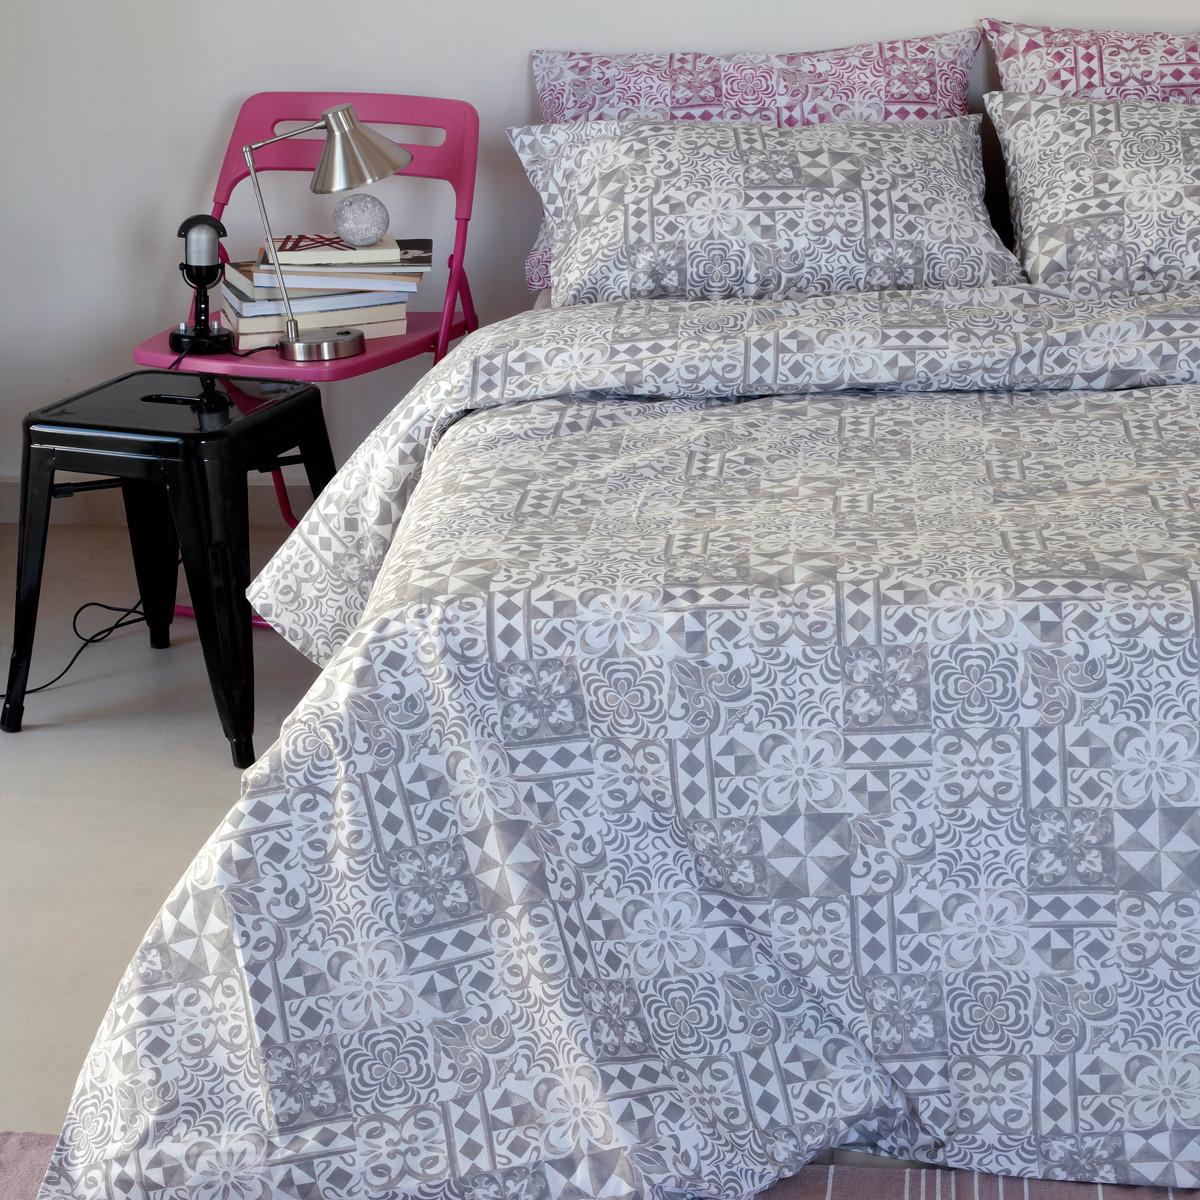 Σεντόνια Διπλά (Σετ) Melinen Ultra Batik Grey home   κρεβατοκάμαρα   σεντόνια   σεντόνια ημίδιπλα   διπλά